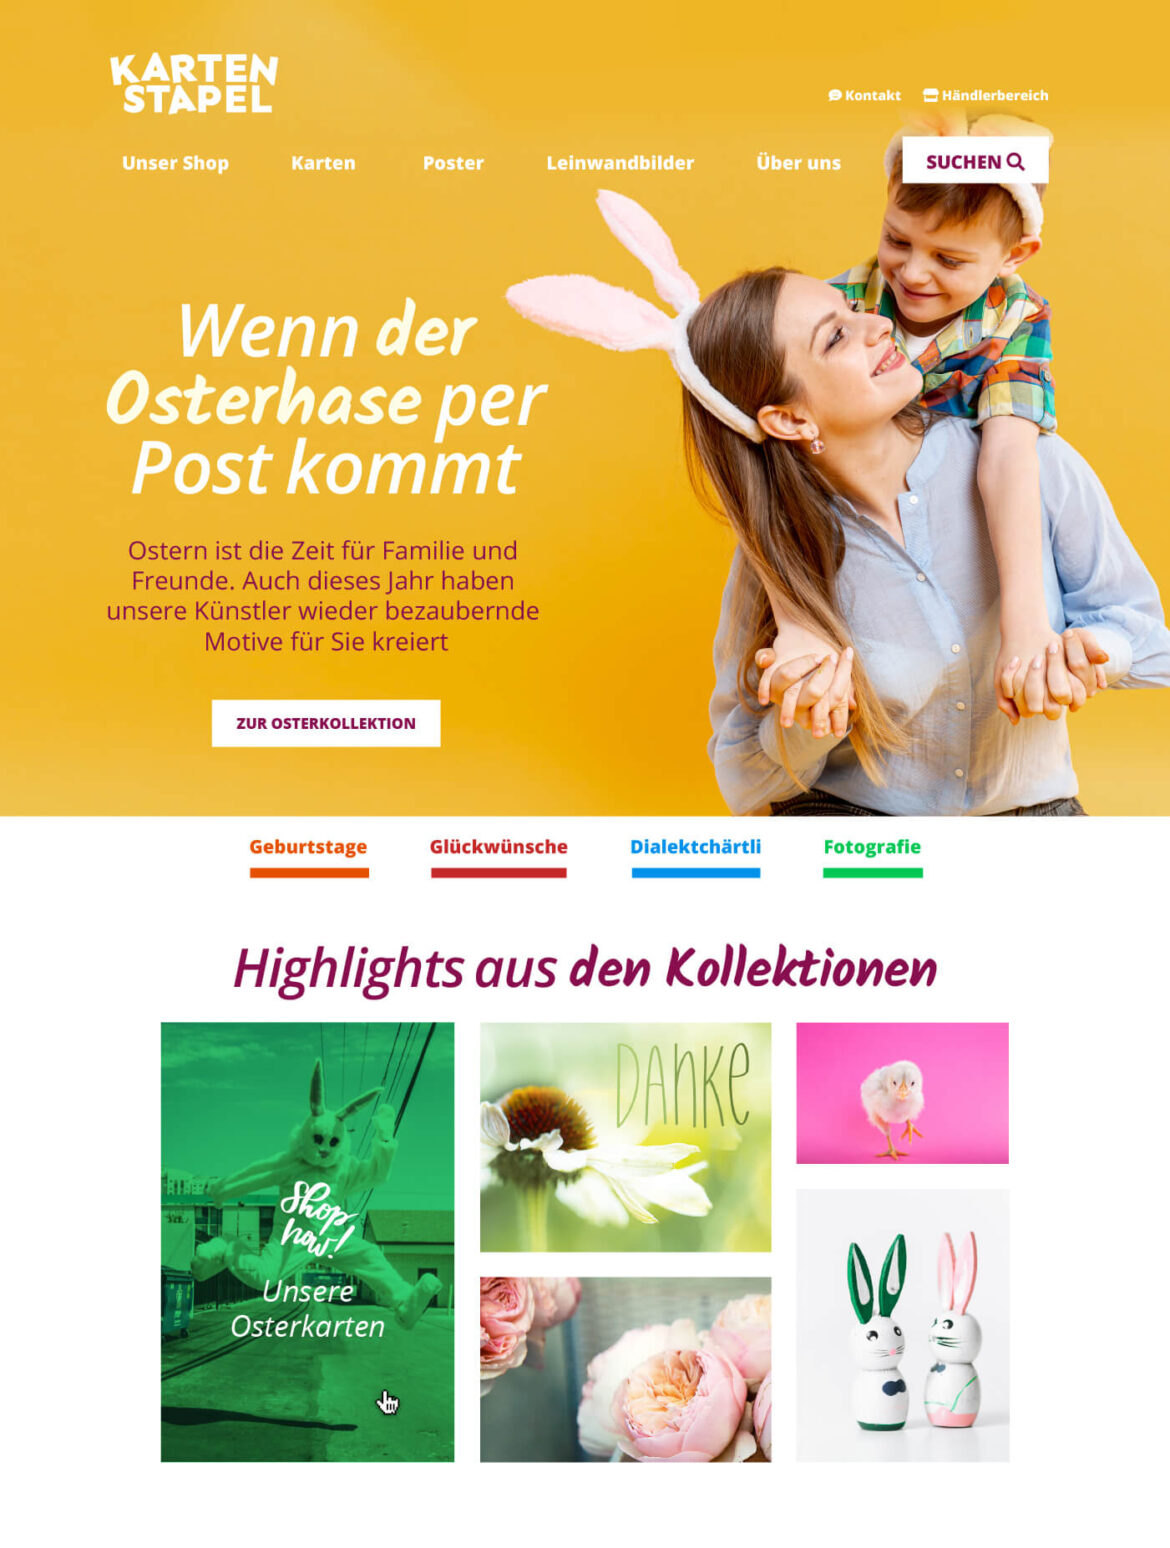 Kartenstape Webseite